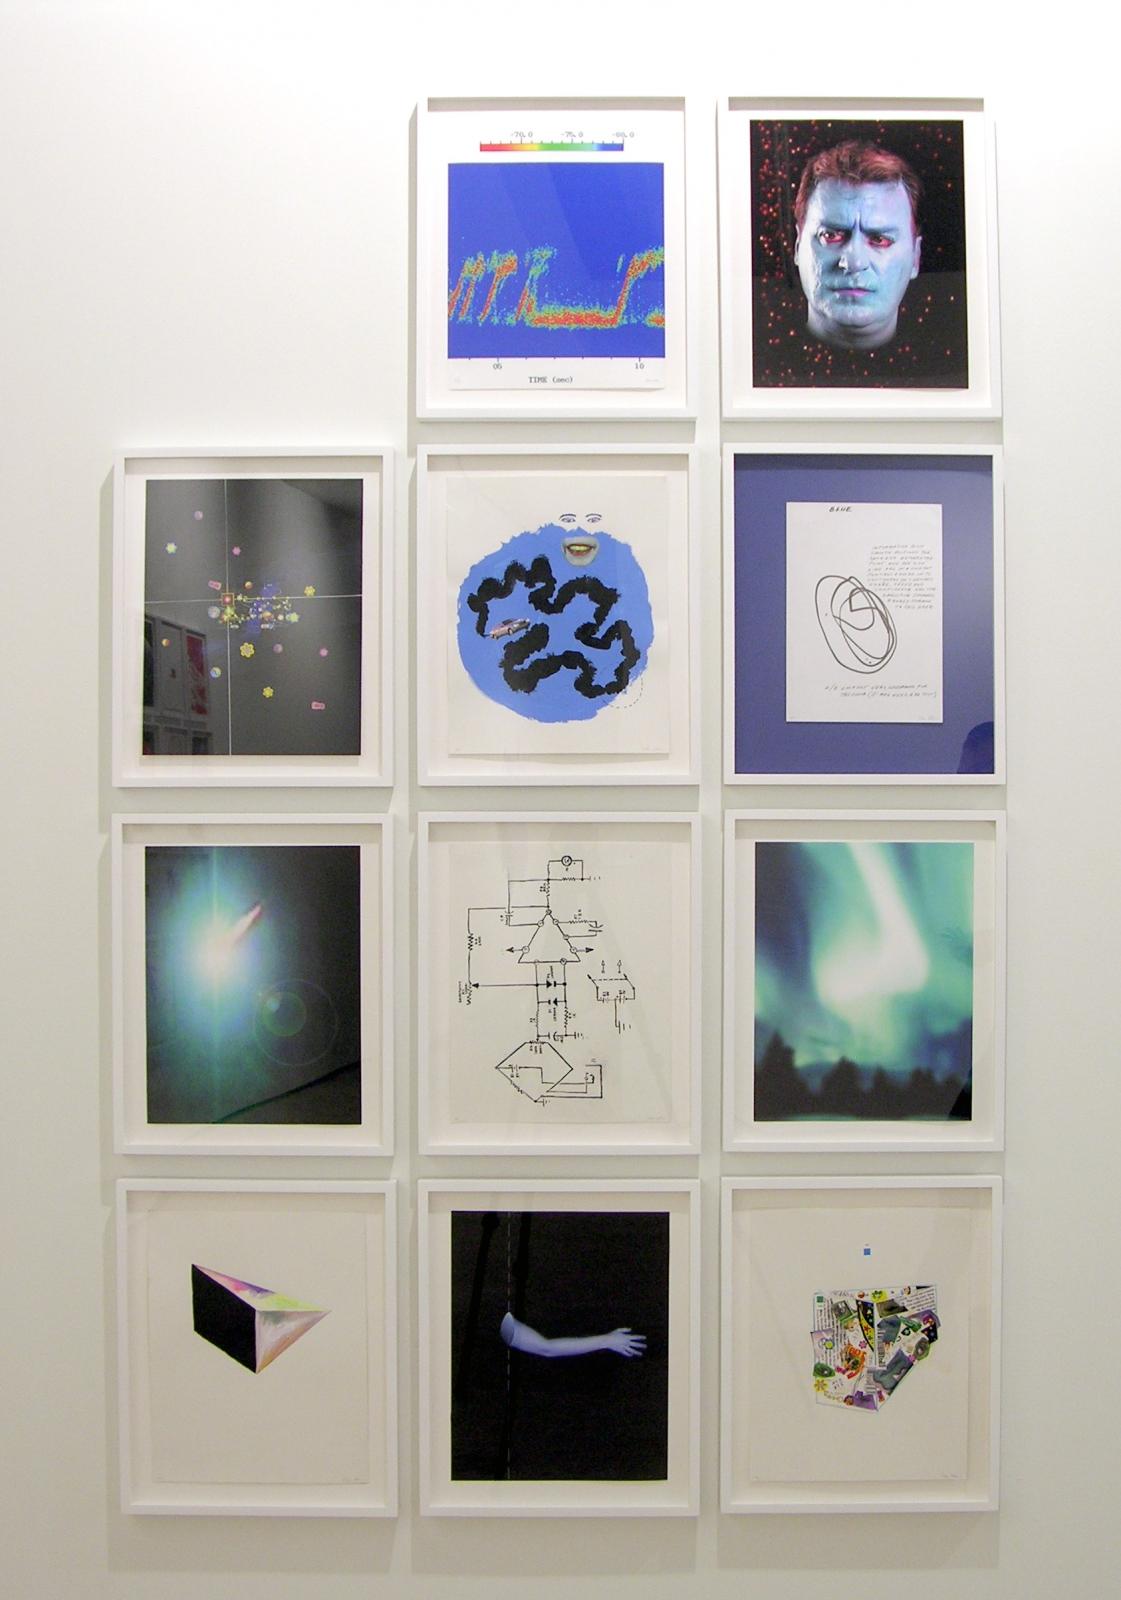 TONY OURSLER, Untitled (Blue), 2005